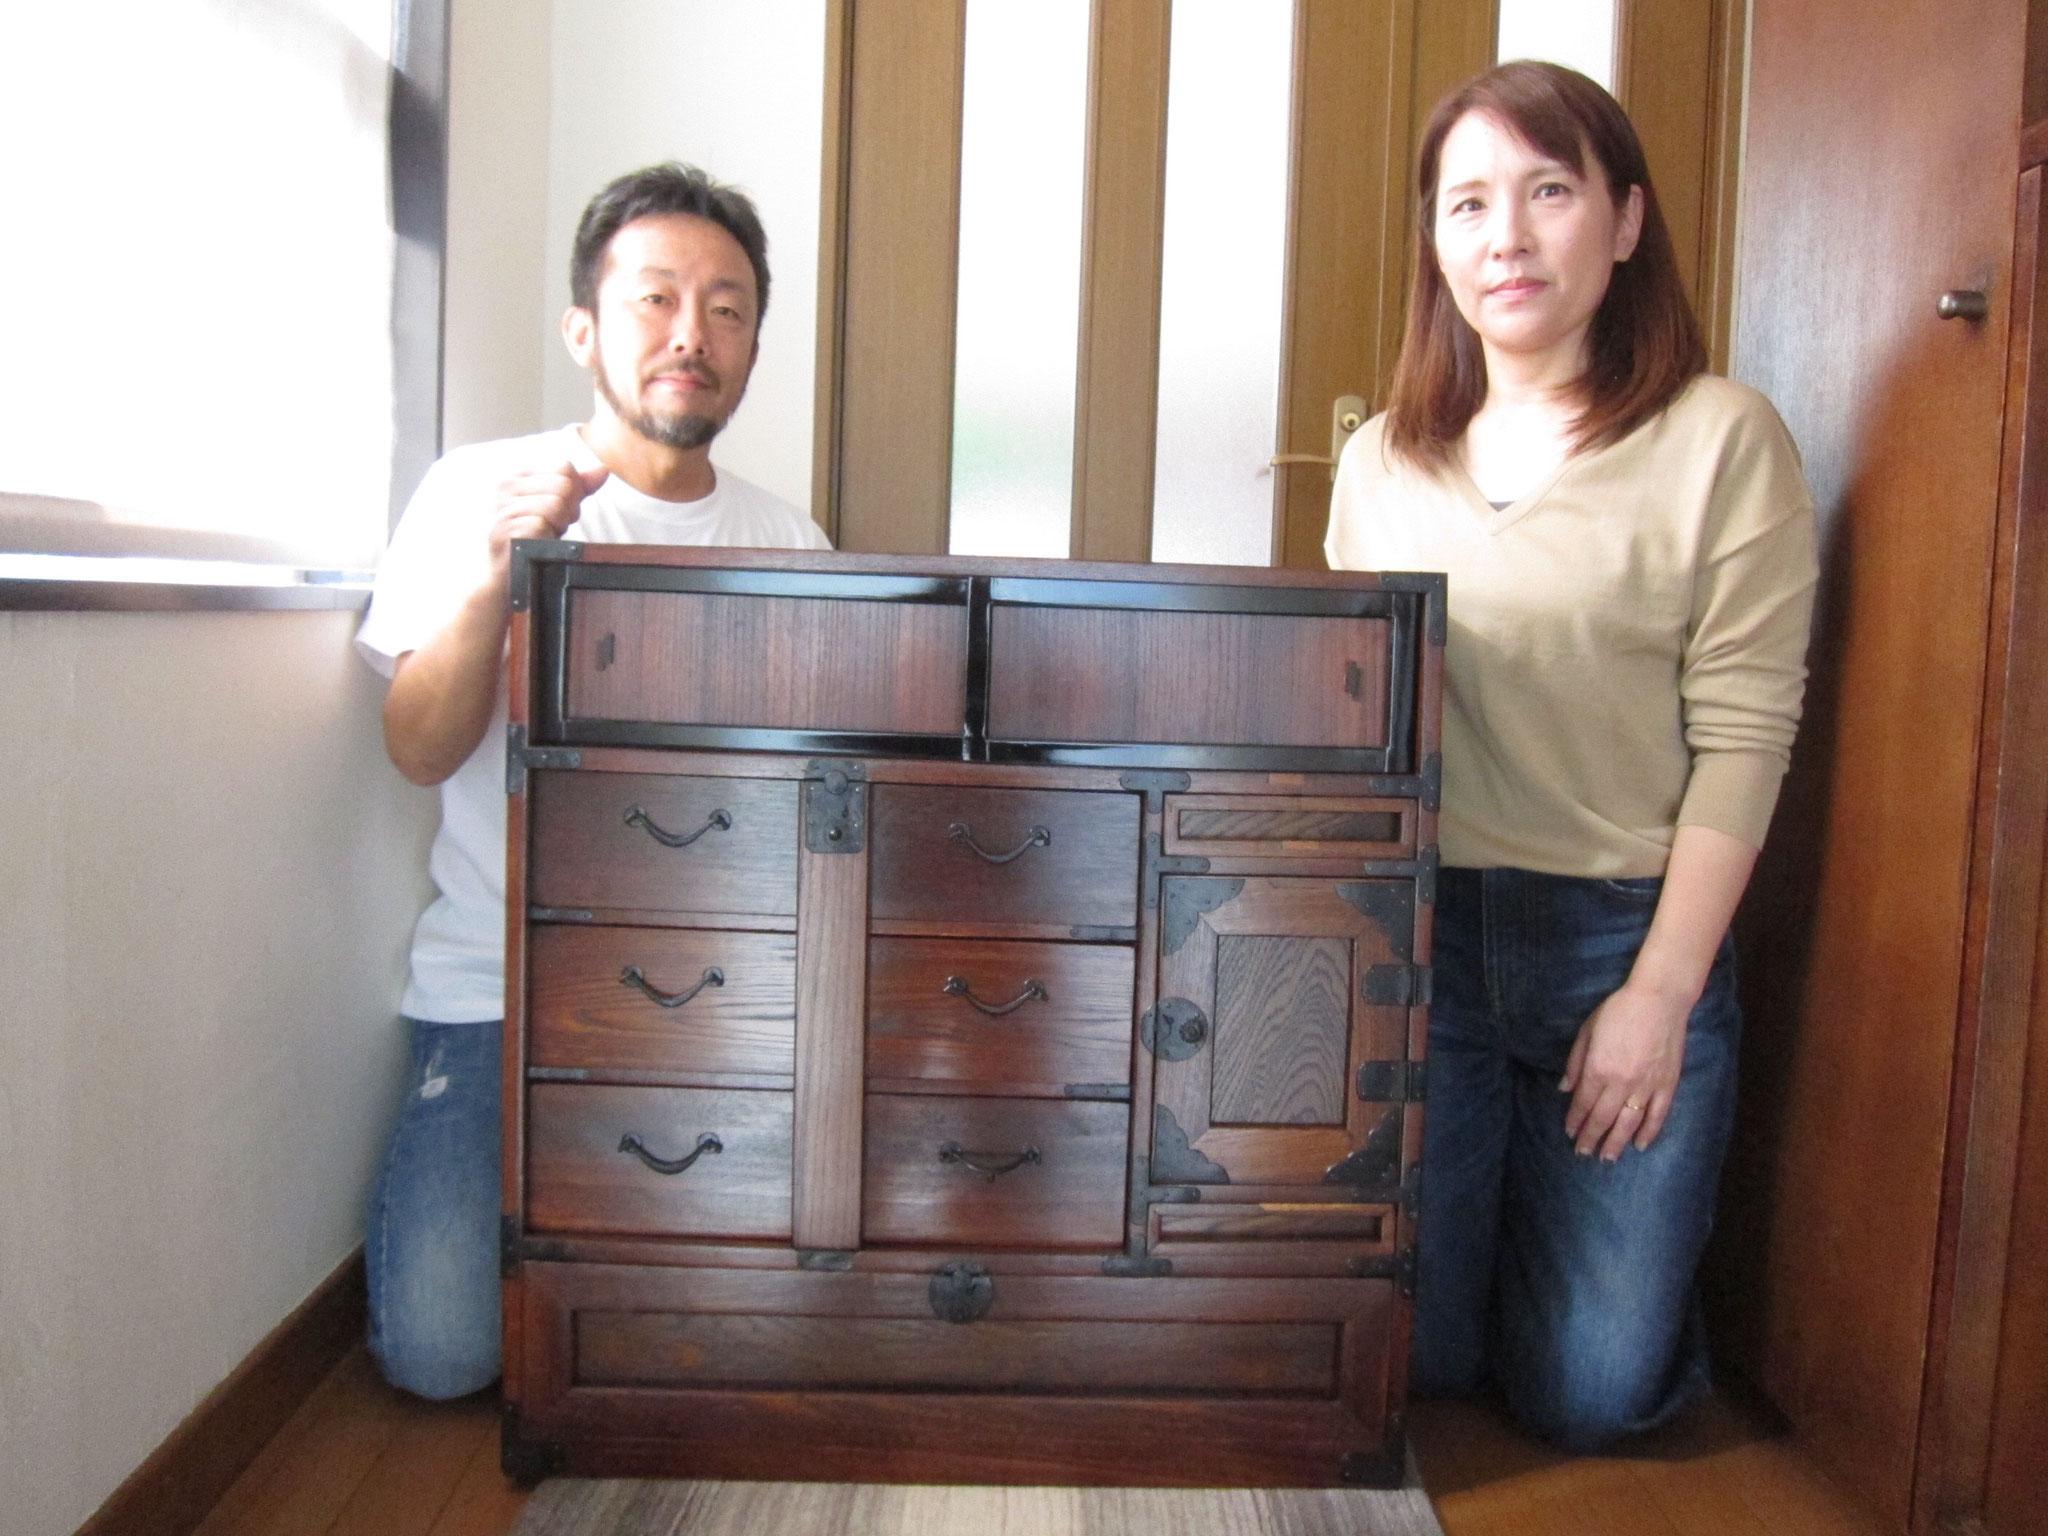 岐阜市より修理依頼の時代箪笥を納品してきました。